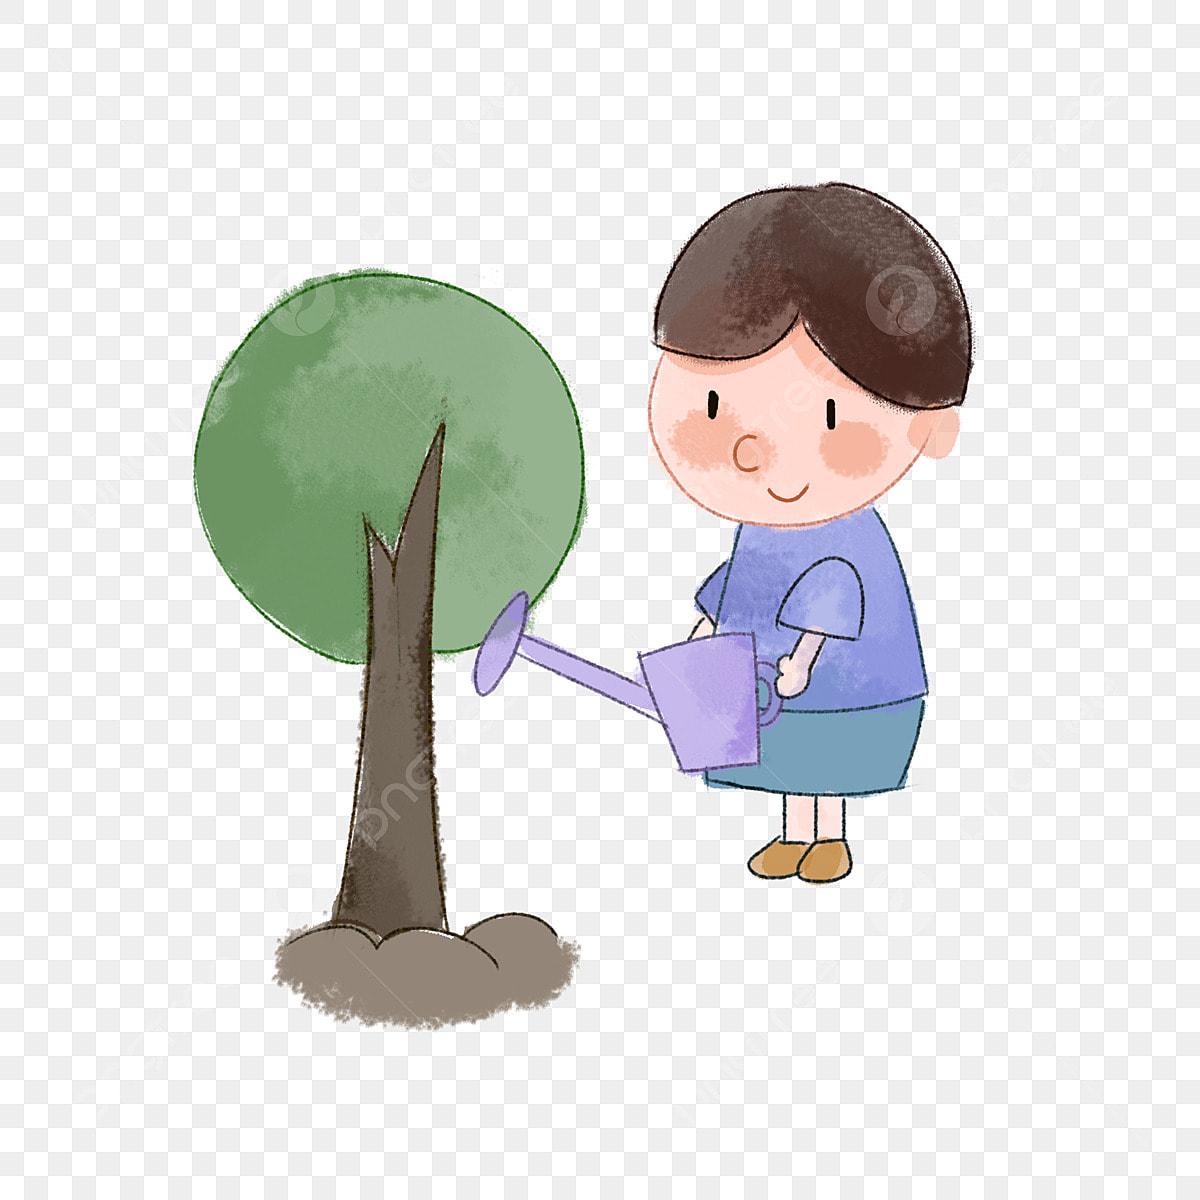 صورة شخصية يوم الشجرة الصبي الصغير يزرع الأشجار الدش الأزرق شخصيات الرسوم المتحركة يوم في الأشجار الخضراء Png وملف Psd للتحميل مجانا